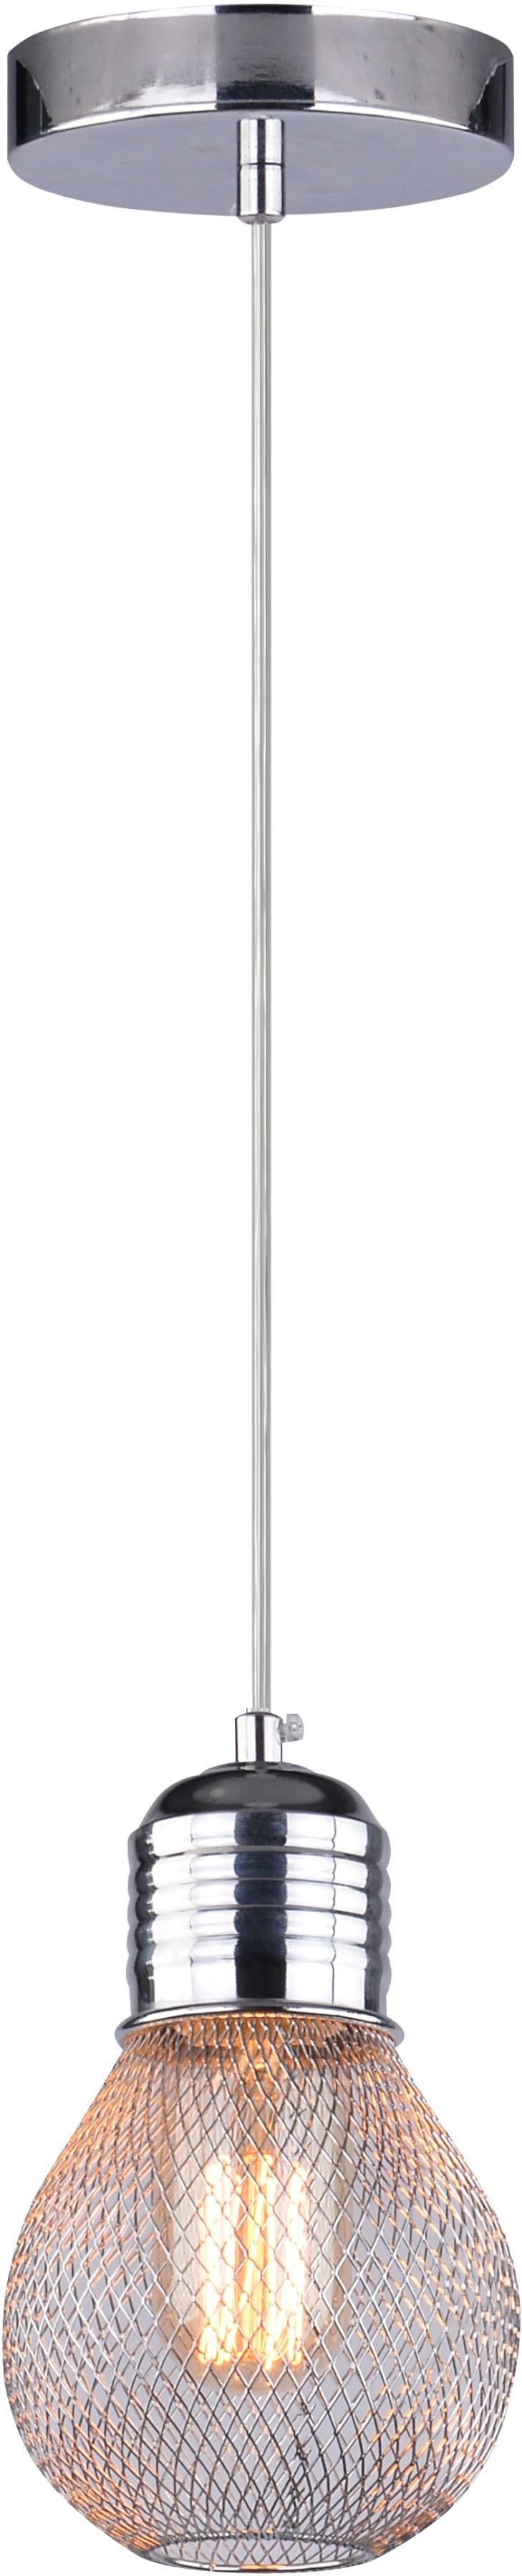 Candellux GLIVA 31-58652 lampa wisząca chrom siatka 1X60W E27 10cm